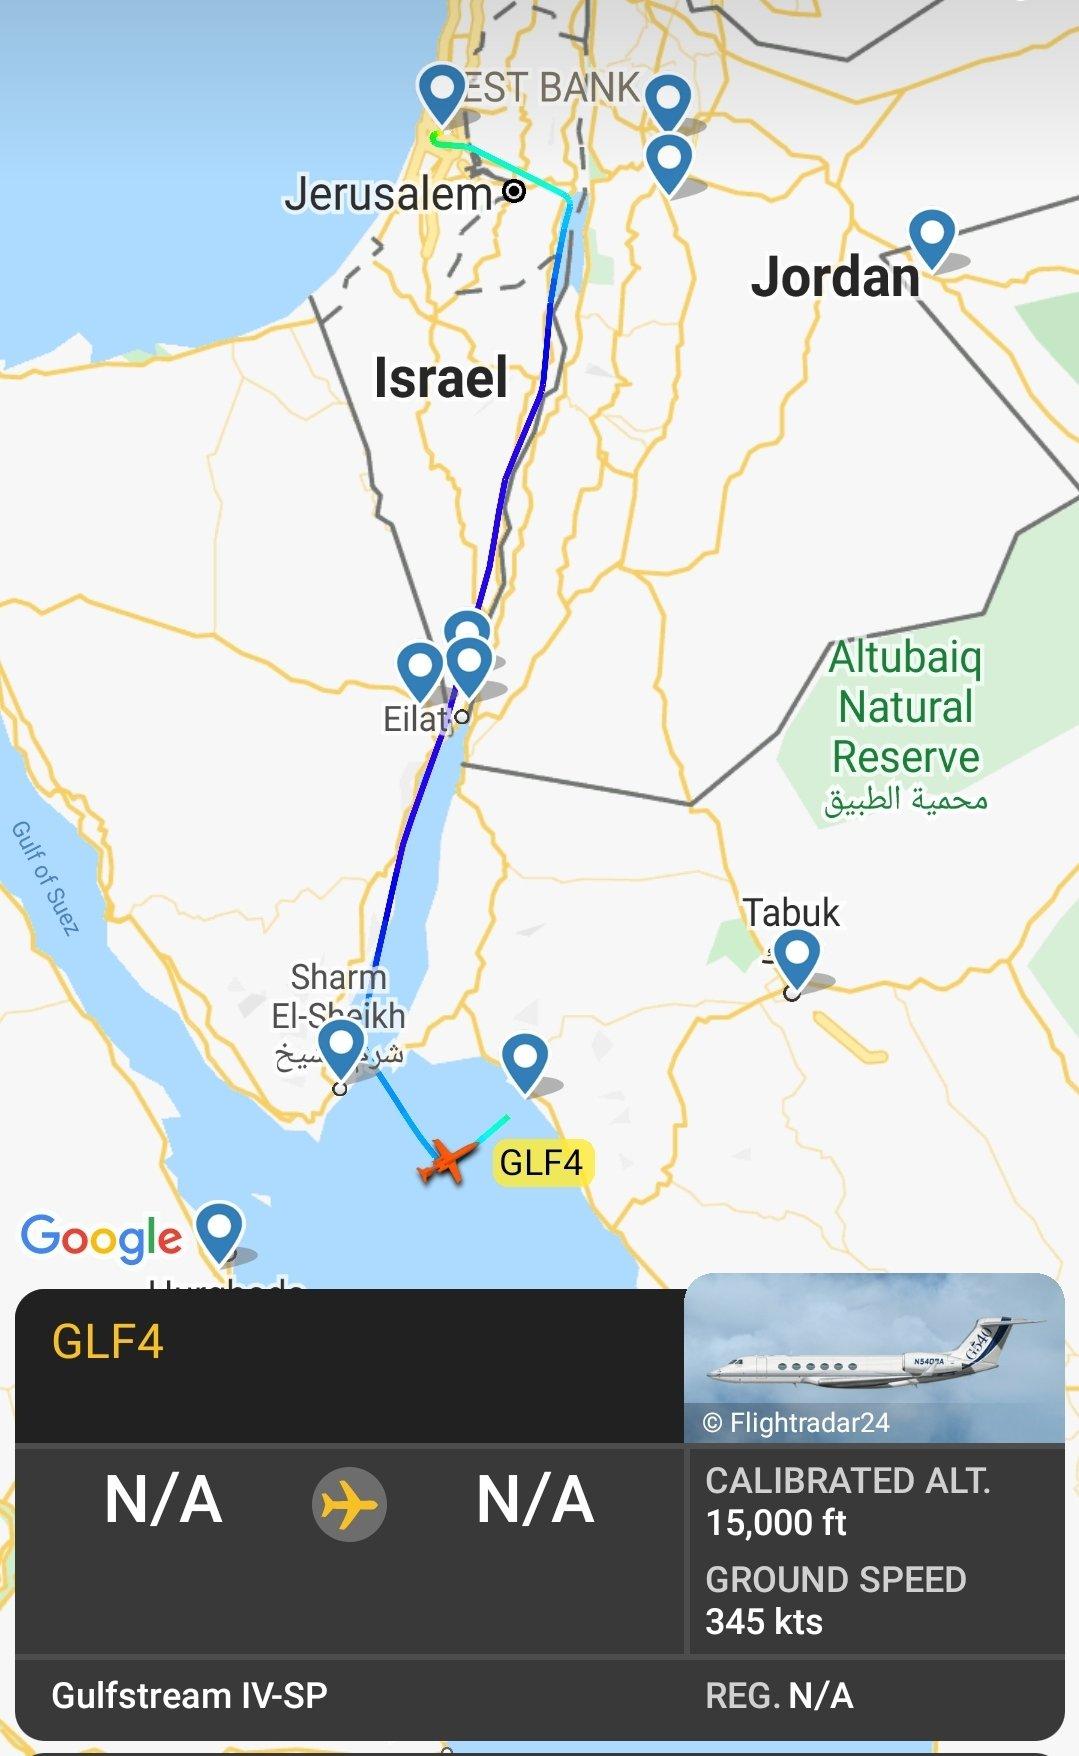 رسانه های اسرائیلی: سفر نتانیاهو به عربستان سعودی و دیدار با بن سلمان